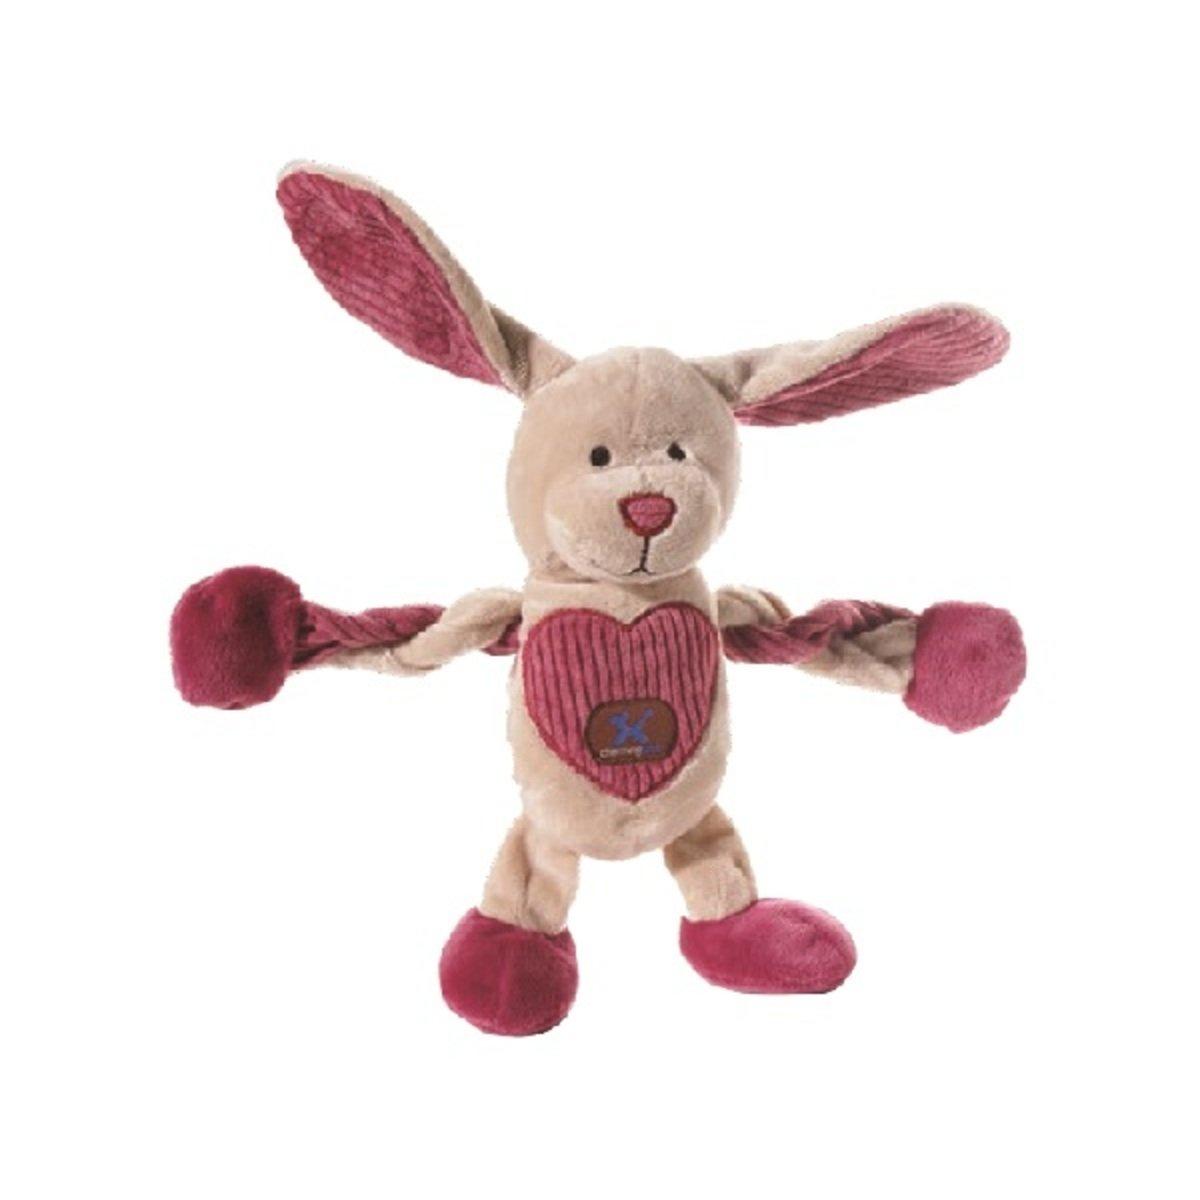 寵物可扭動發聲玩具 ﹣愛心兔